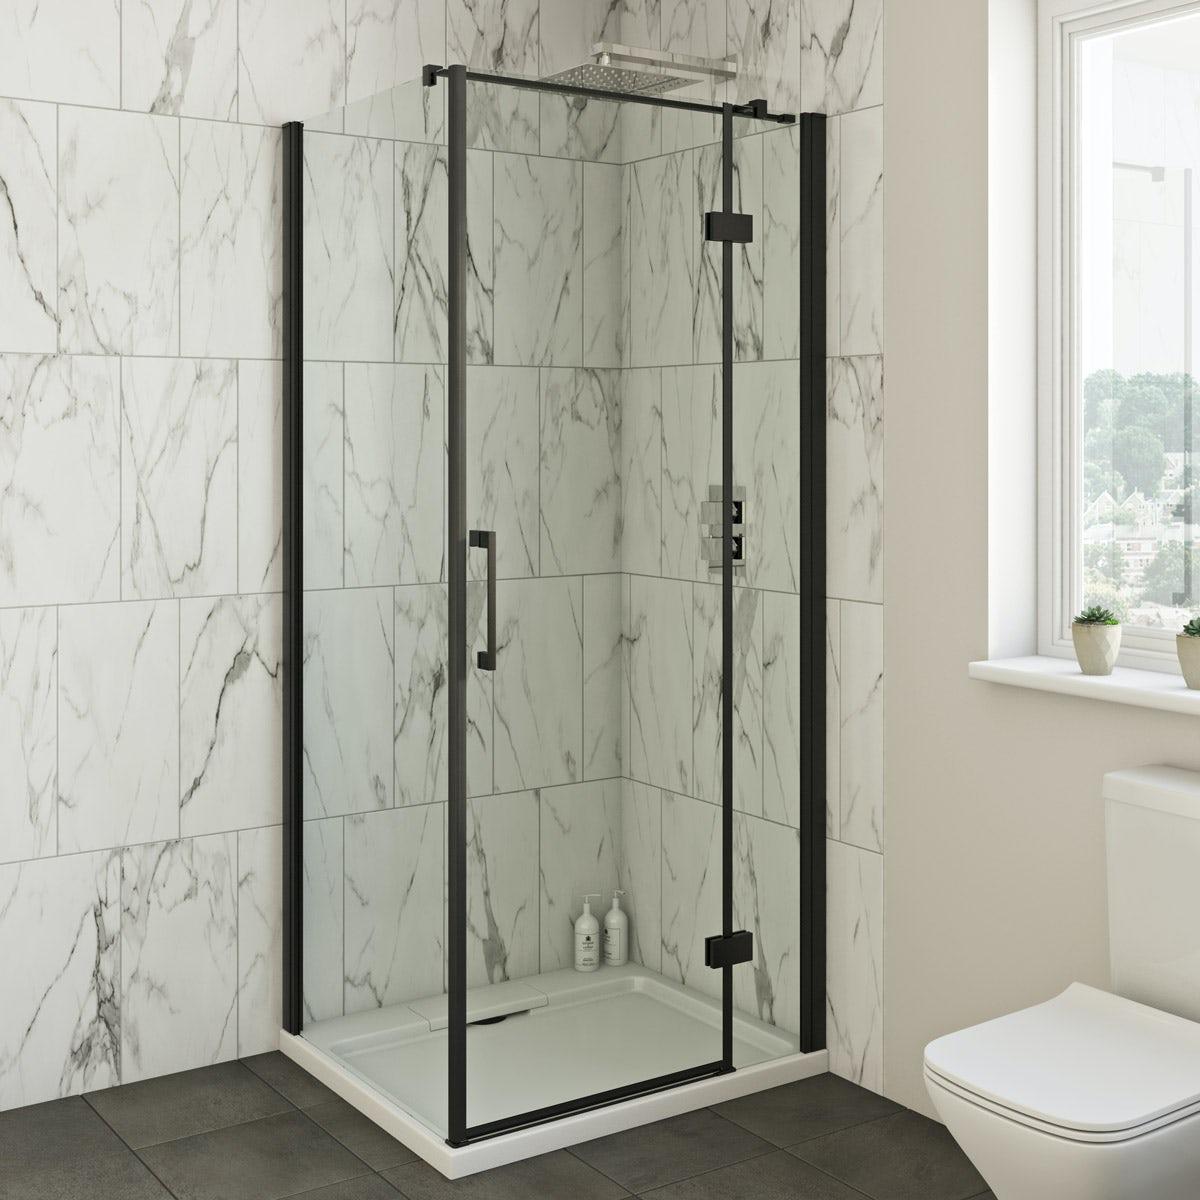 Mode Cooper black hinged shower enclosure